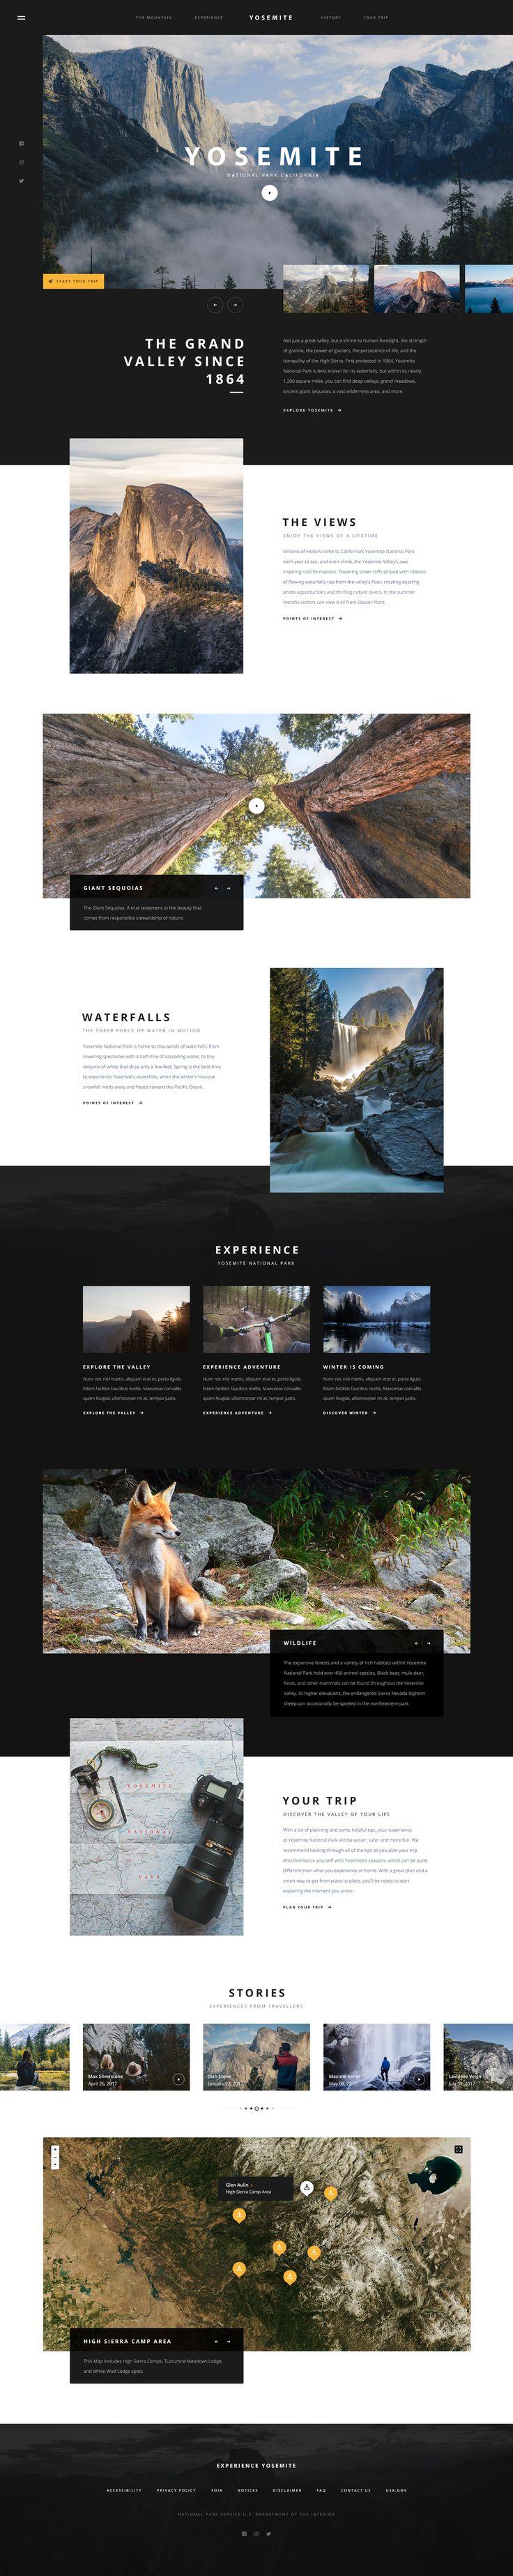 Yosemite index